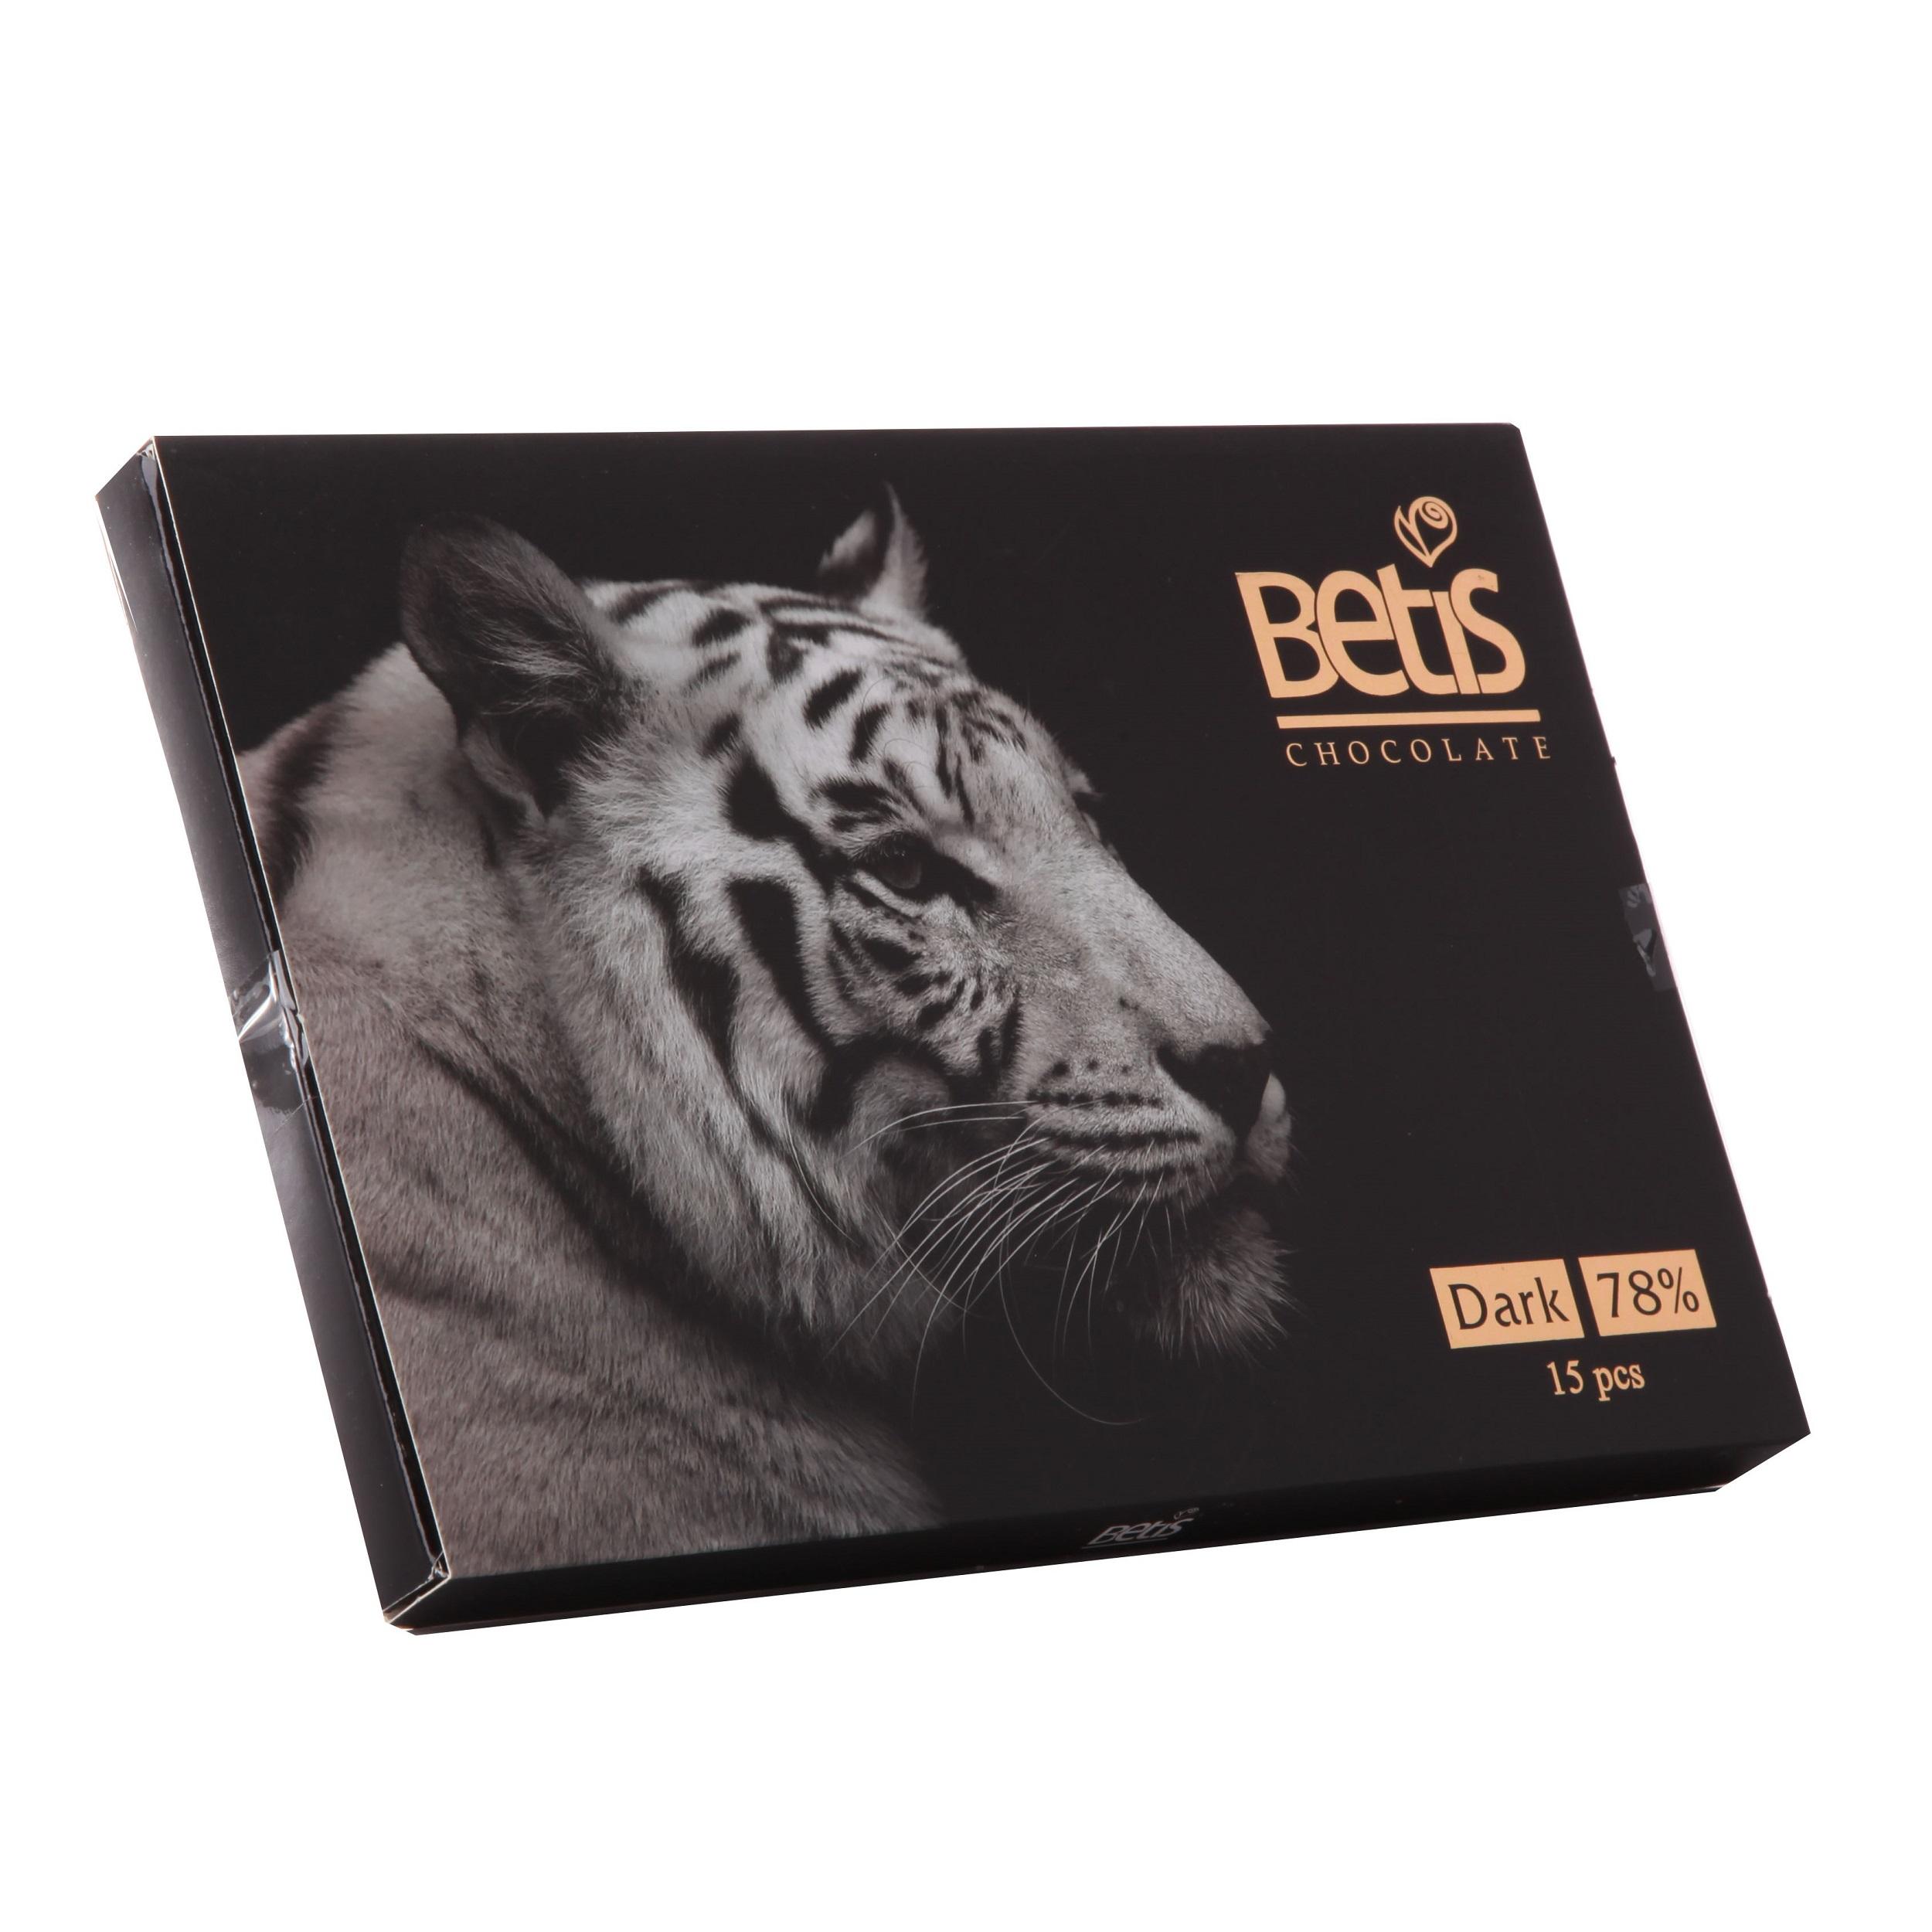 شکلات جعبه ای بتیس سری ببر سیاه - 90 گرم